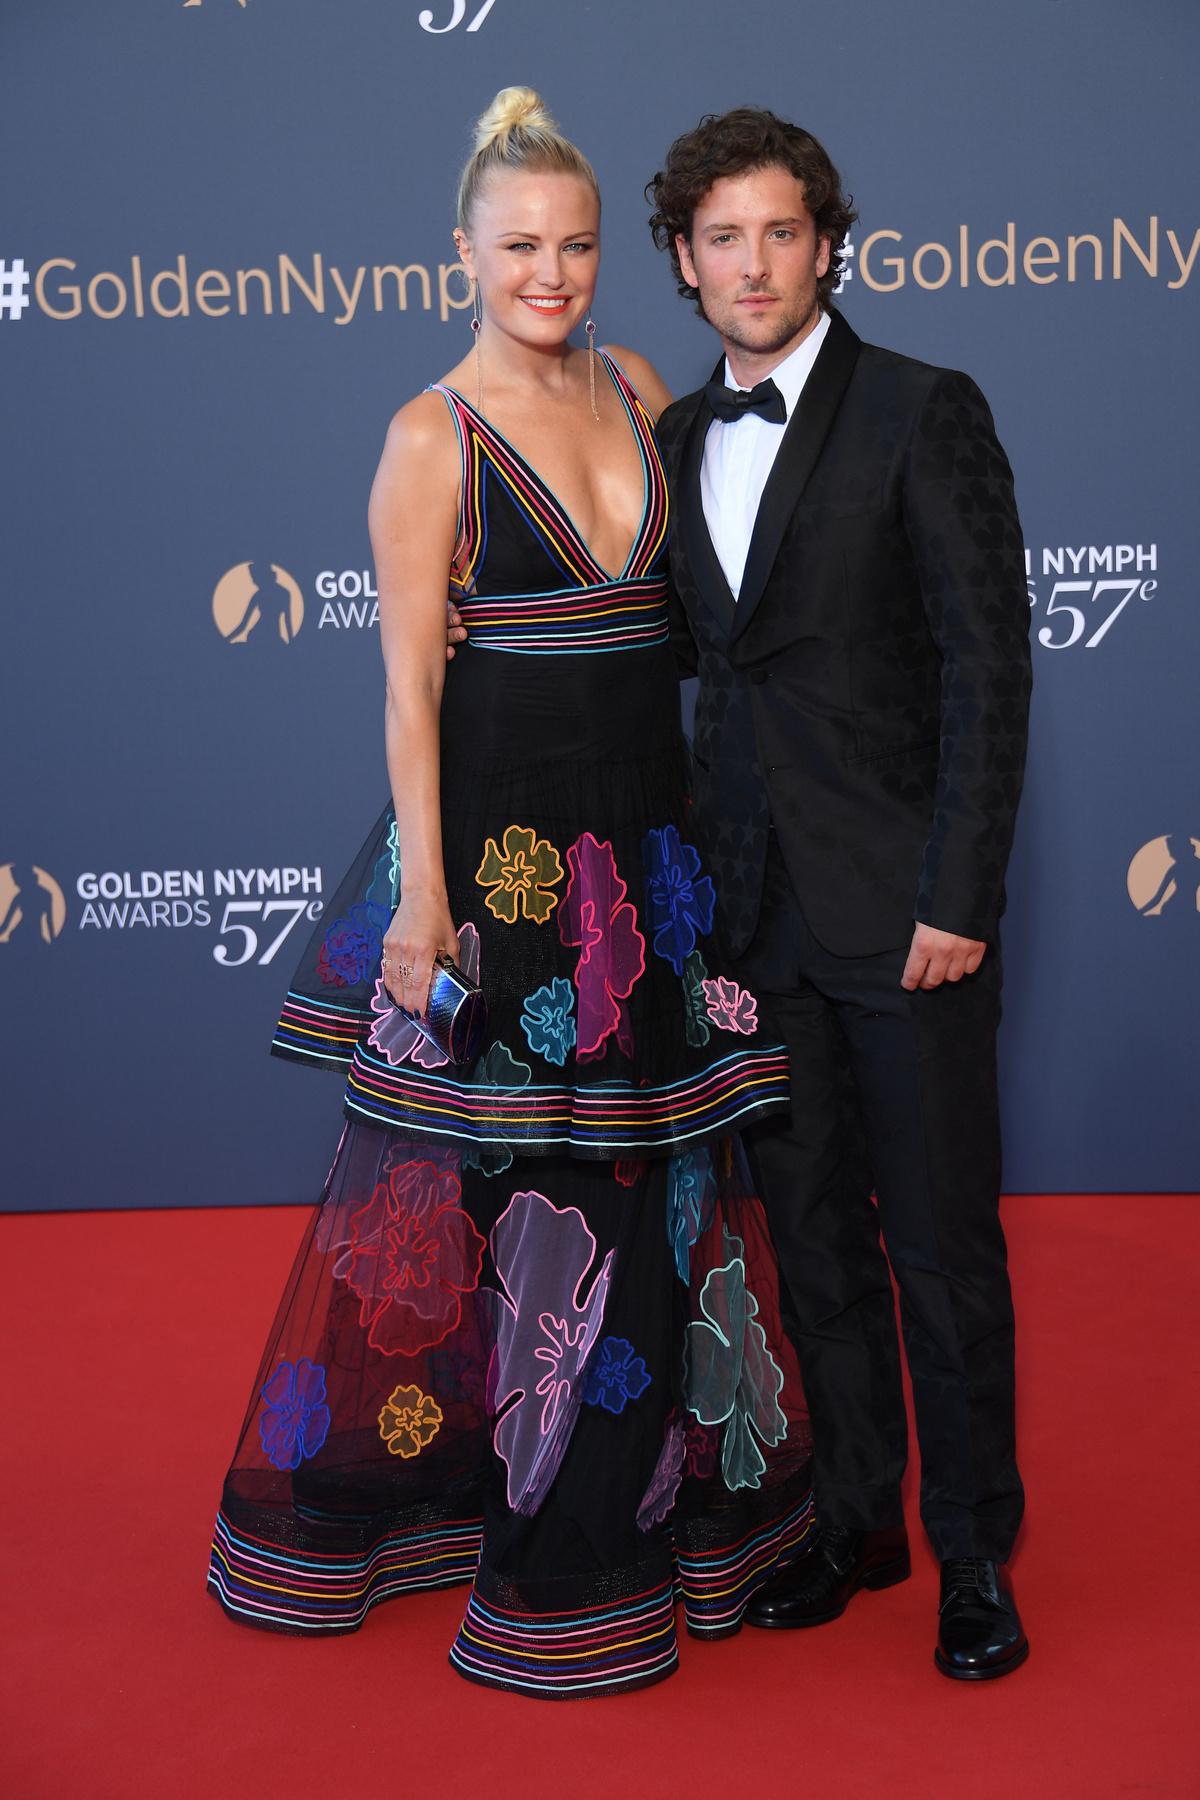 Ha a hölgy haja nem lenne a vállán, hanem mondjuk össze lenne fogva, akkor valószínűleg még, khm, látványosabb lenne ez a ruha.